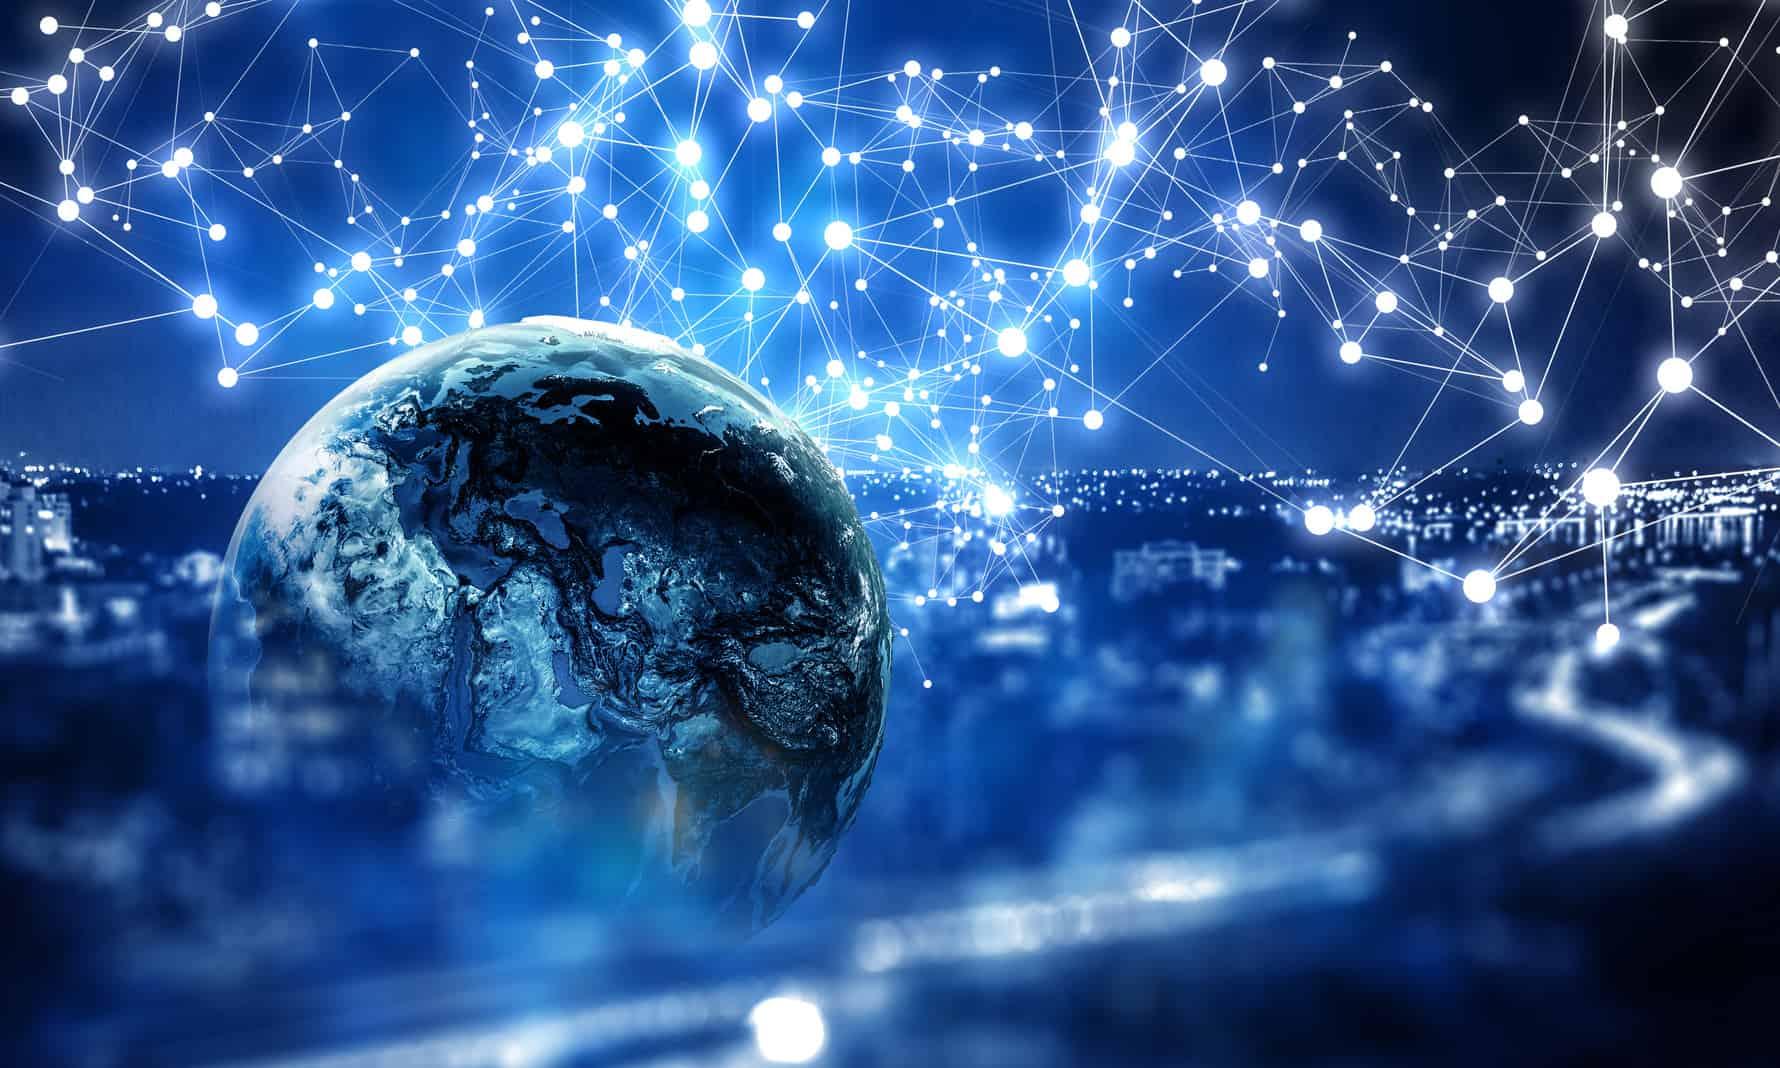 El rápido desarrollo de las tecnologías ha abierto la posibilidad a que se creen nuevas y mejores formas de aprendizaje